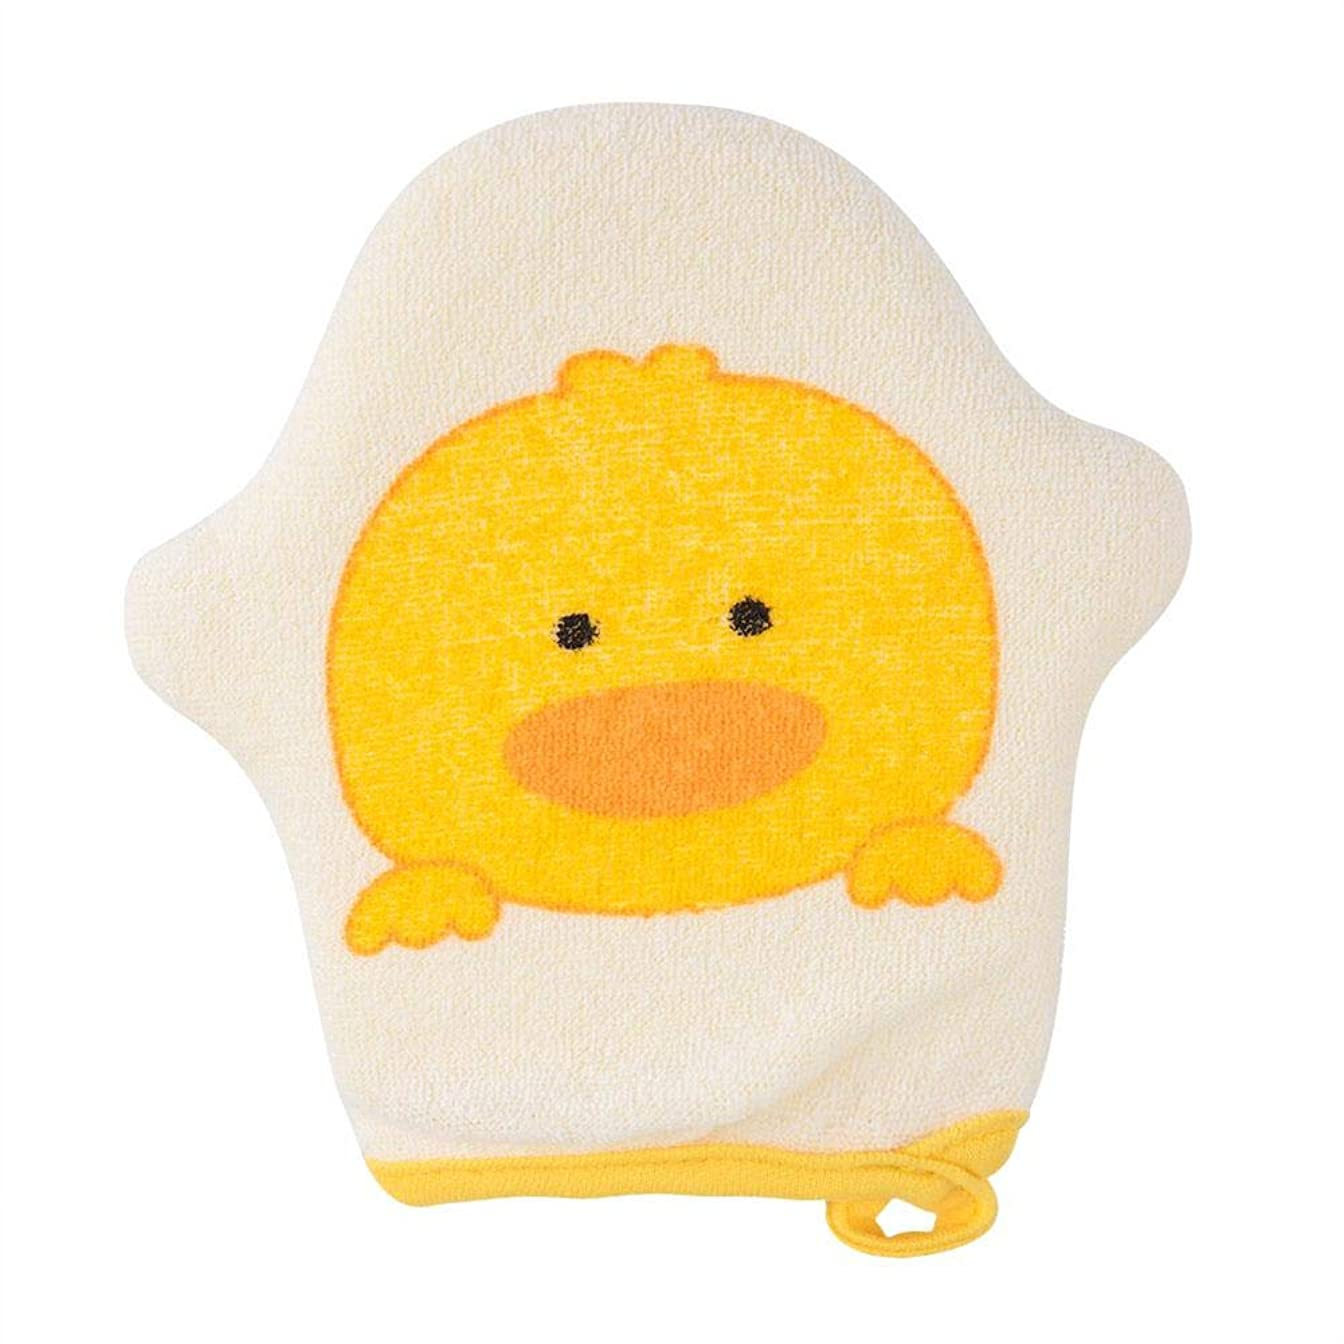 一致神一節シャワースポンジ シャワー手袋 垢すり手袋 ボディースポンジ 浴用手袋 赤ちゃん ベビー 両面用 入浴用 シャワーブラシ 入浴用品 お風呂用 バス用品 柔らかい 動物柄 かわいい オシャレ(イエロー)